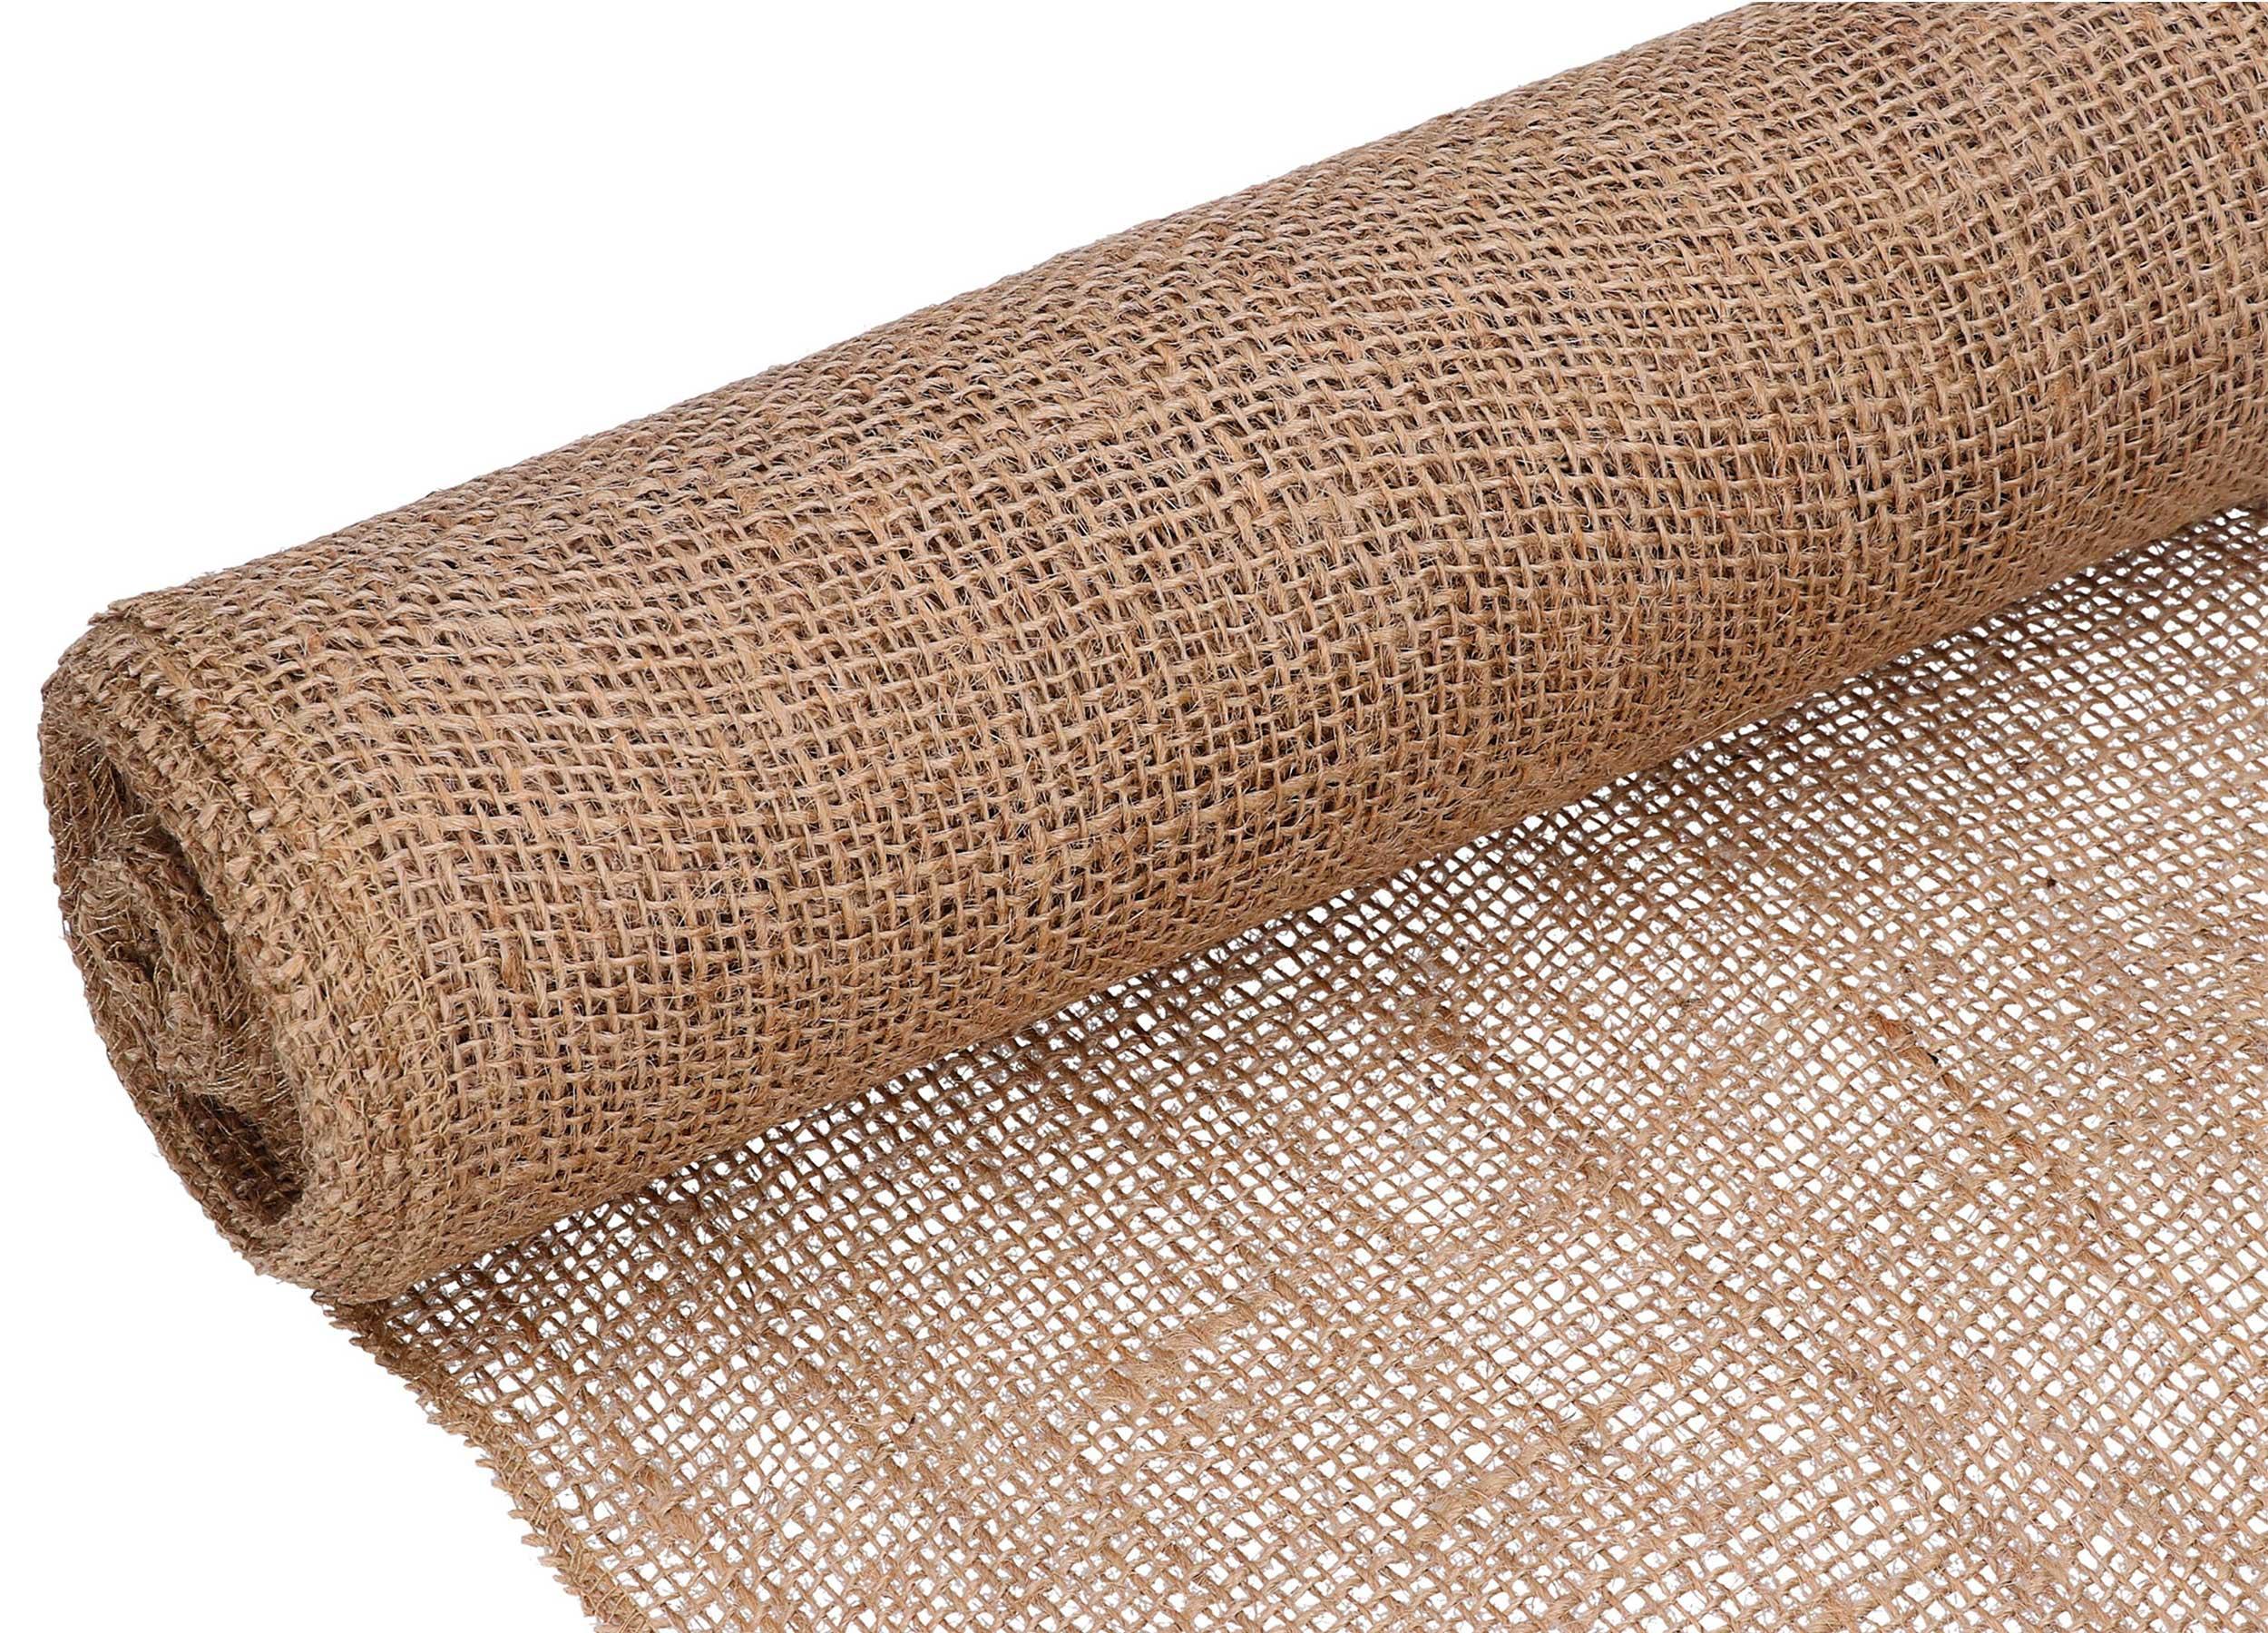 Джут - это что такое за материал | джутовая ткань